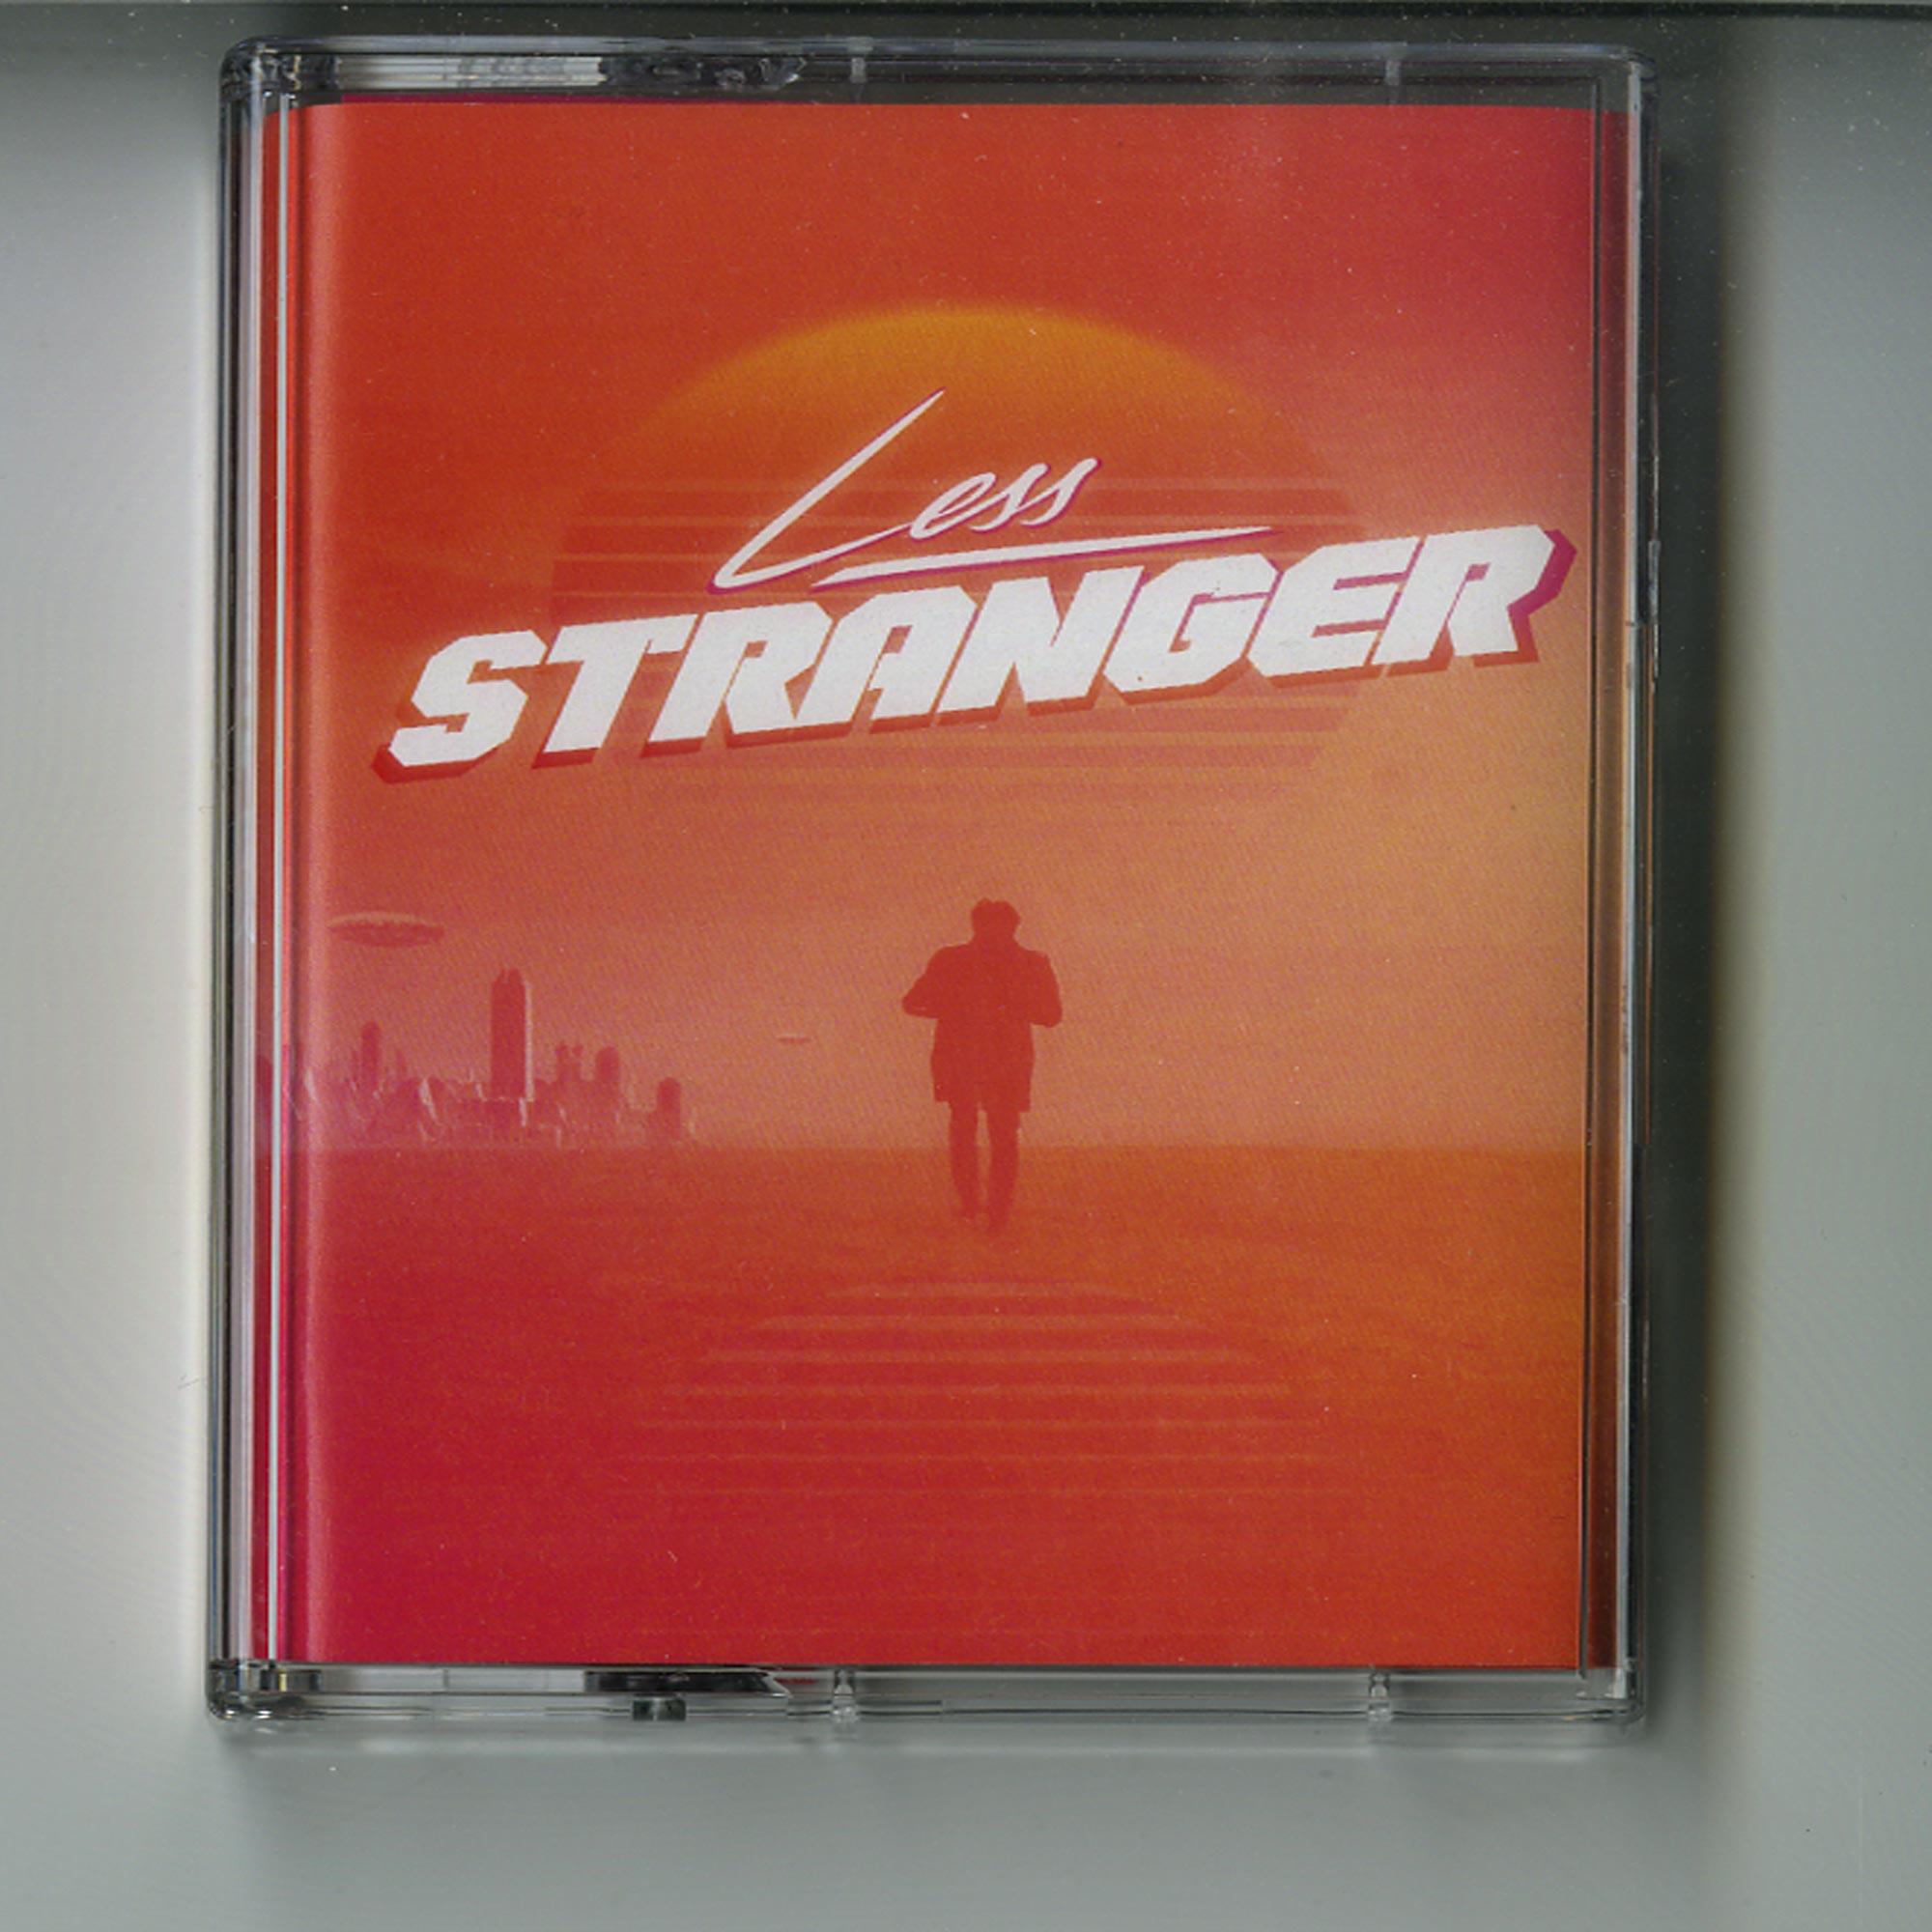 Less - STRANGER